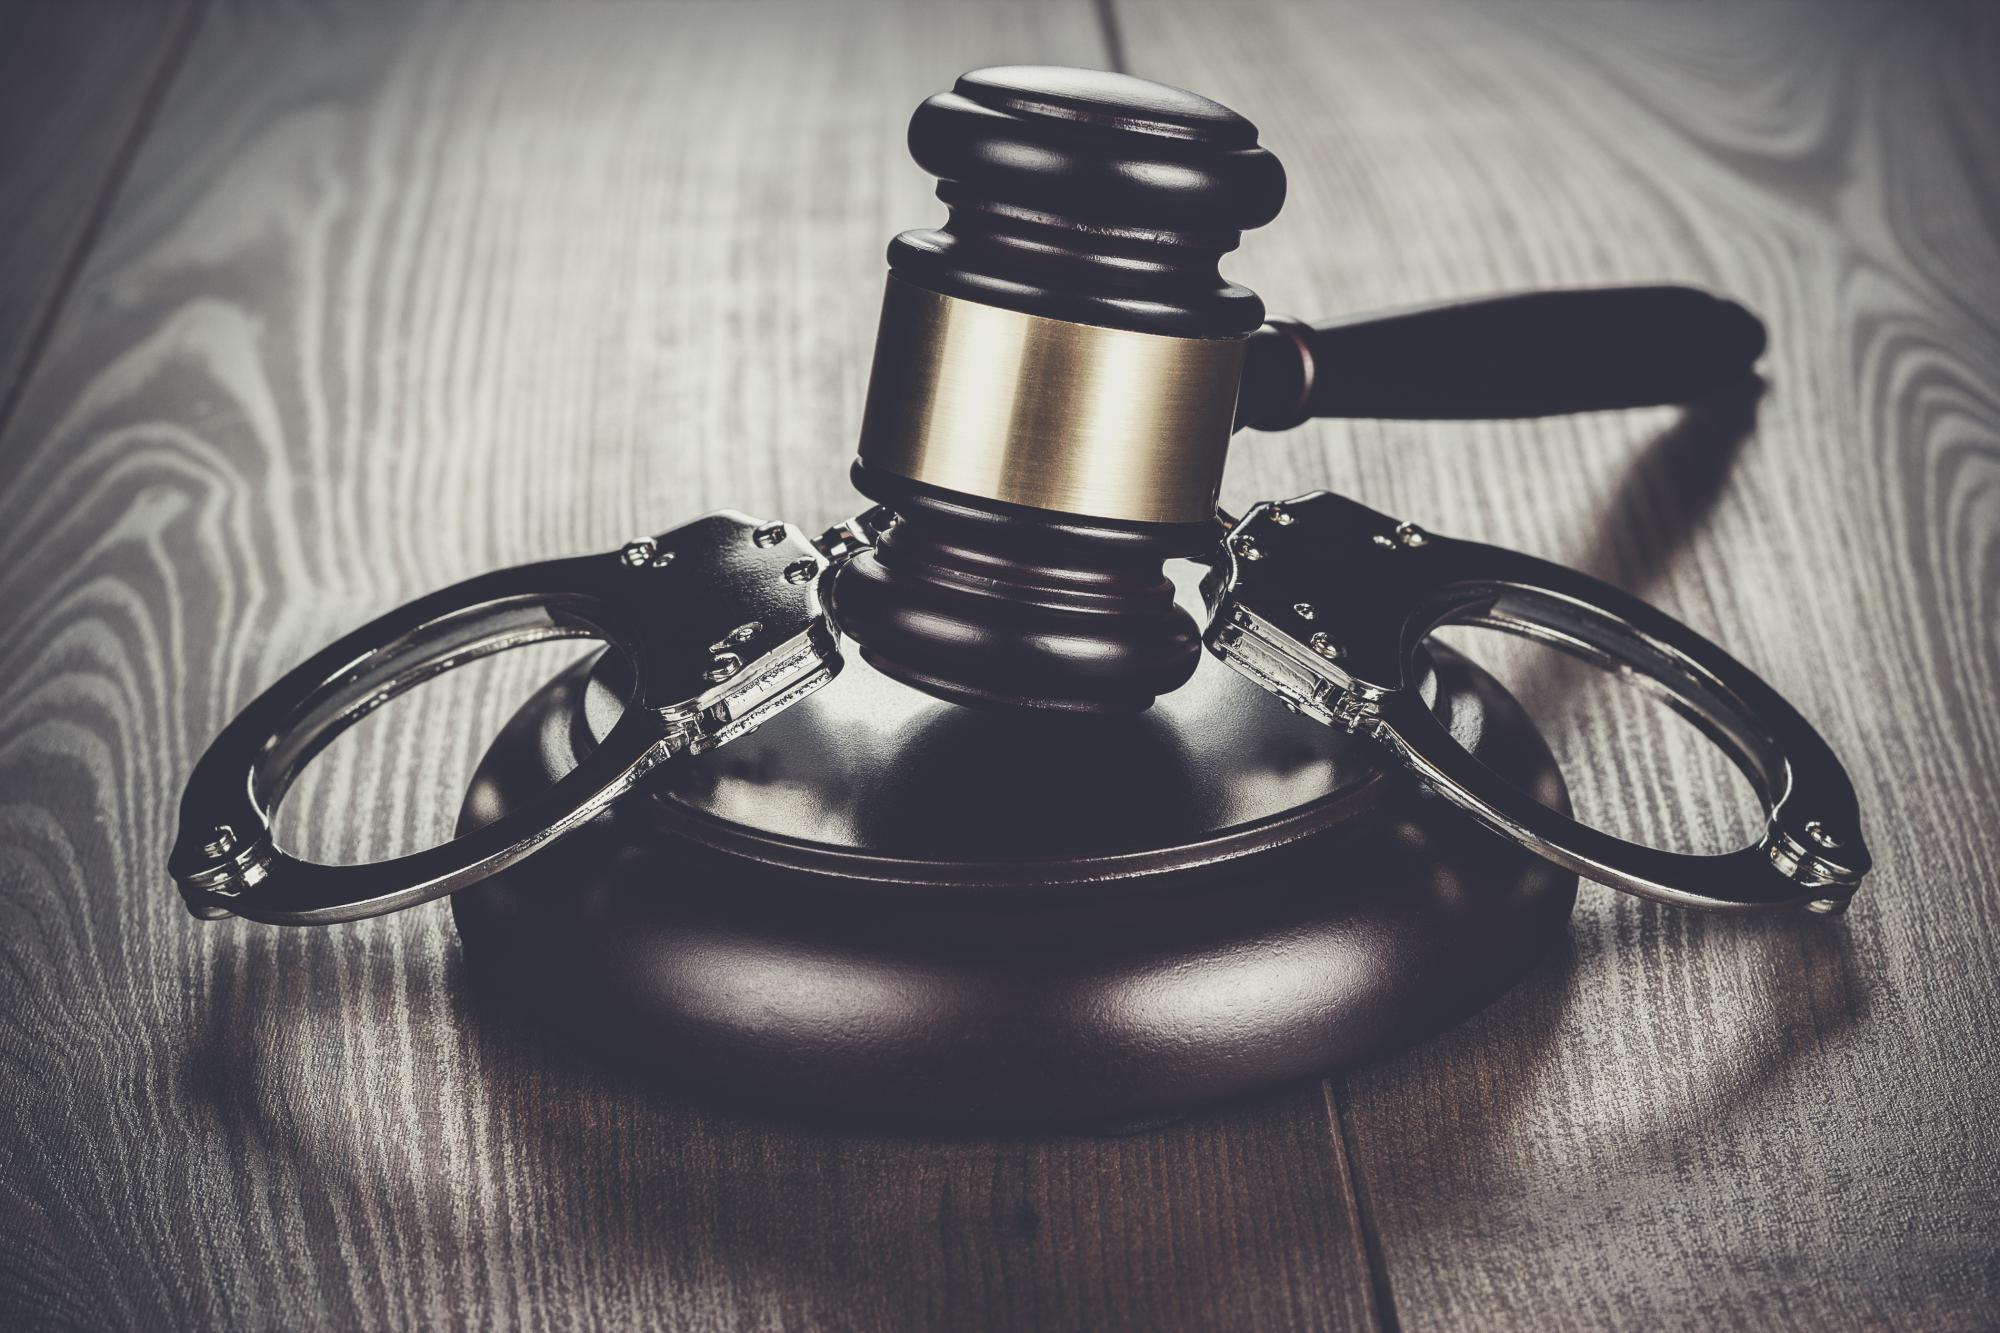 Административная и уголовная ответственность за нарушение налогового законодательства